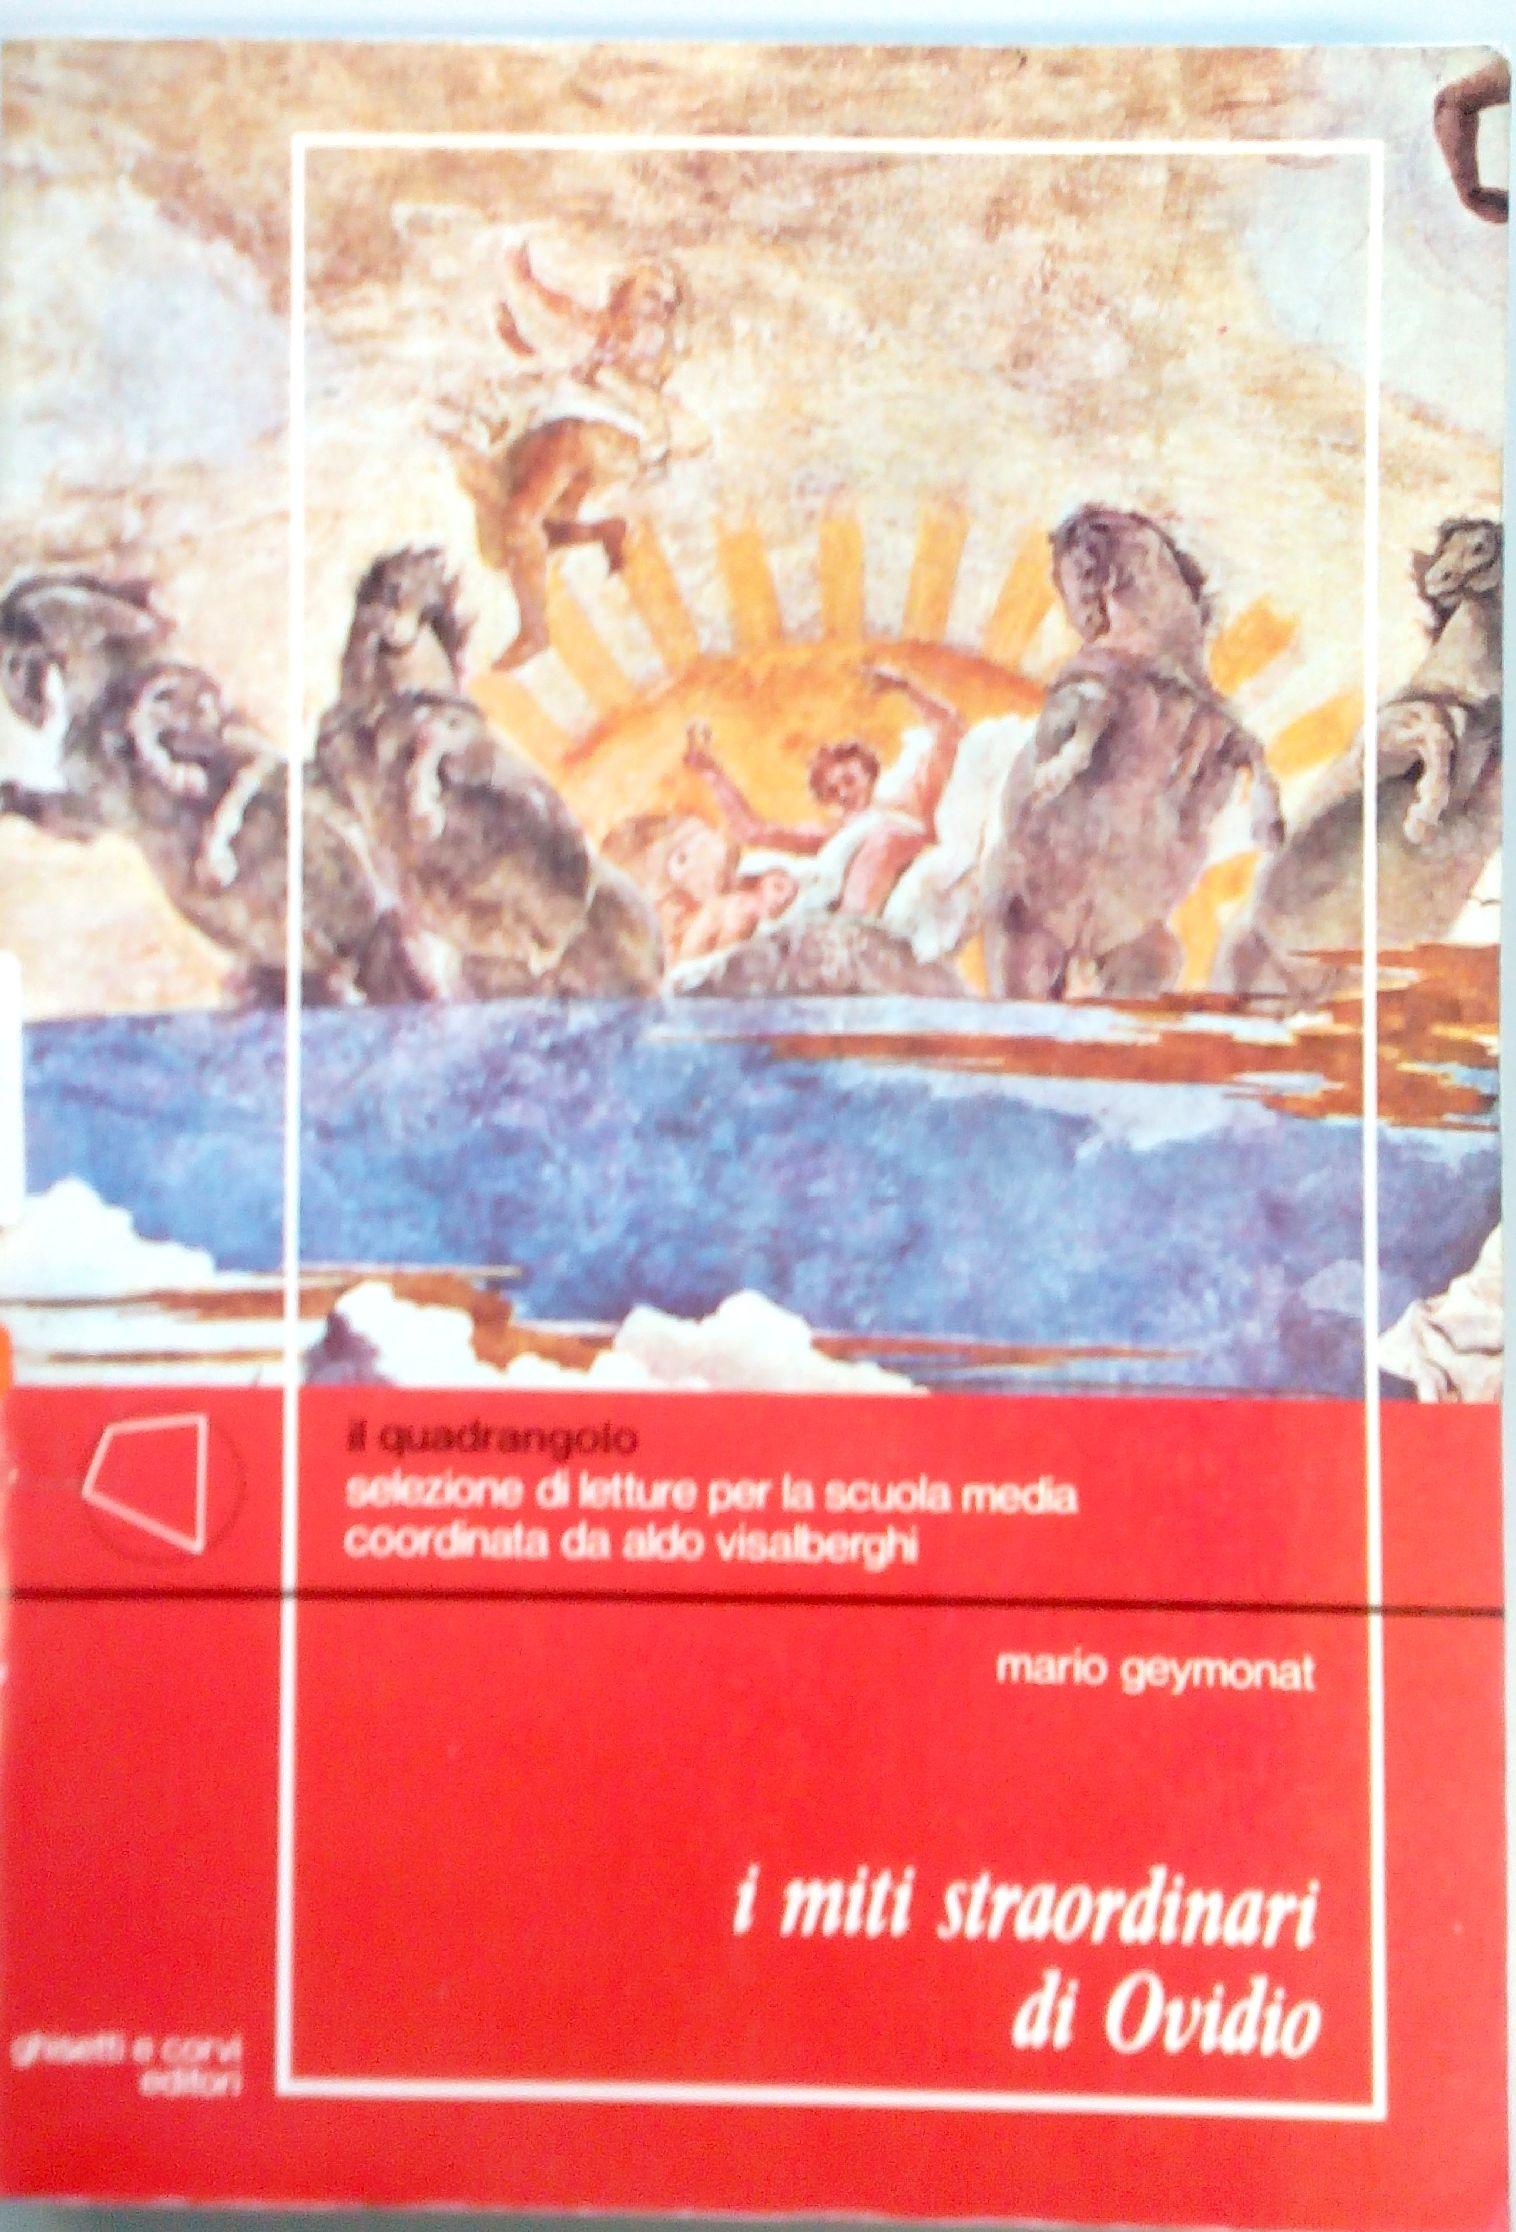 I miti straordinari di Ovidio